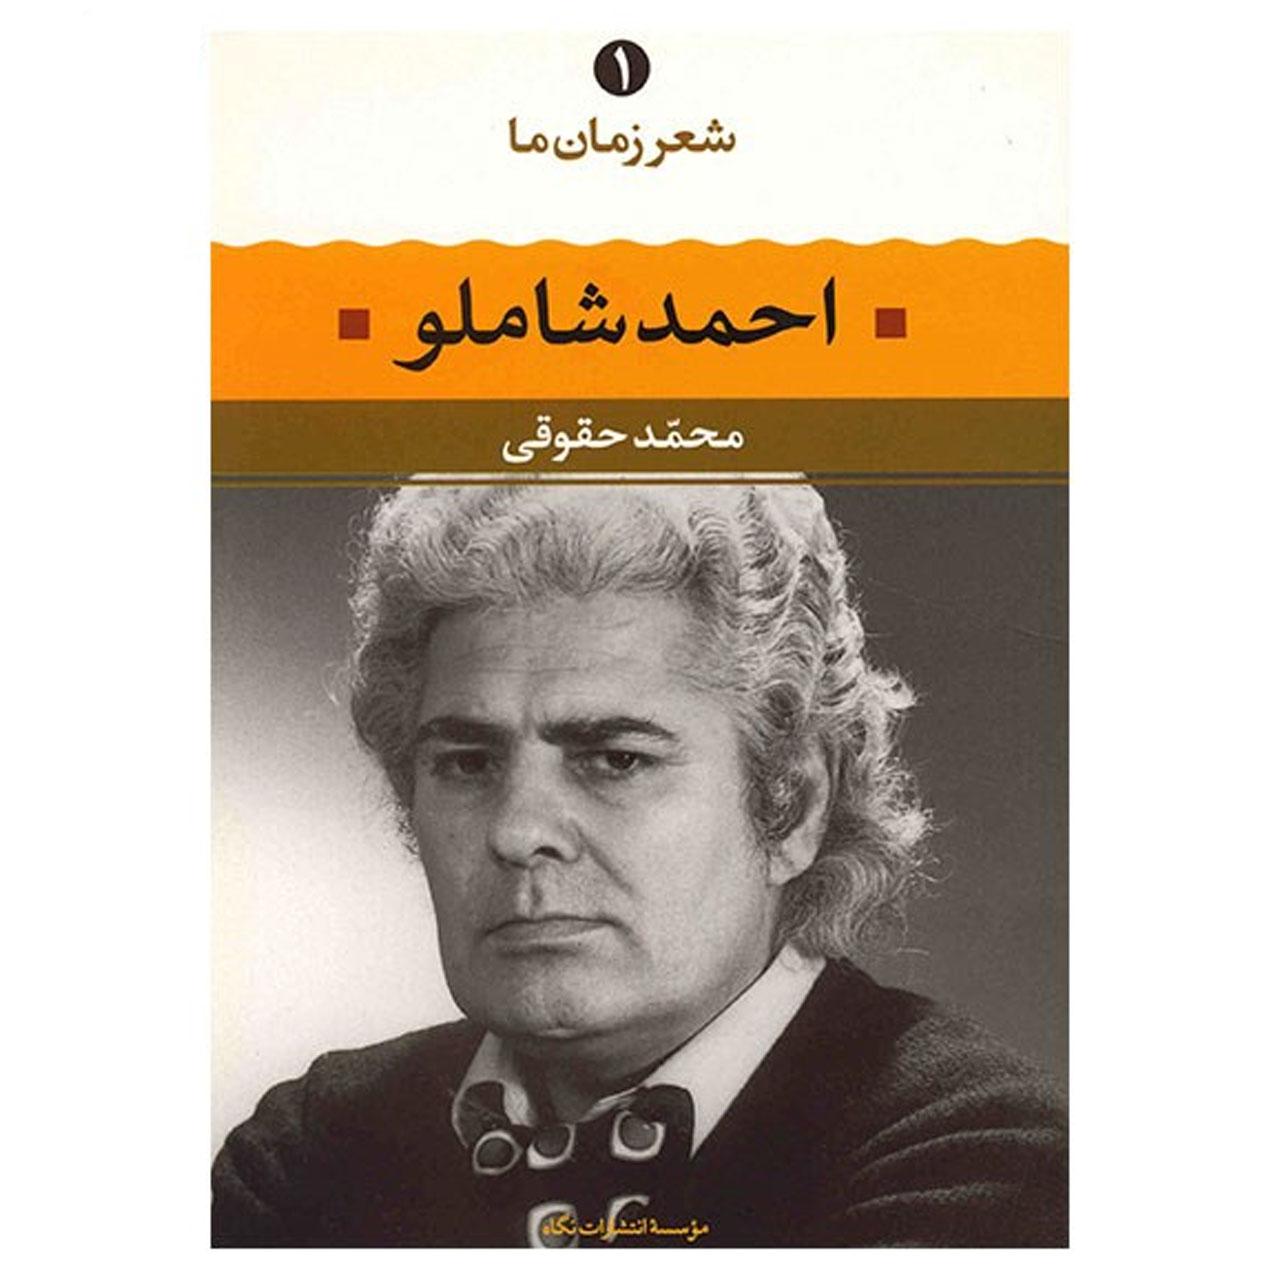 کتاب احمد شاملو اثر محمد حقوقی نشر نگاه